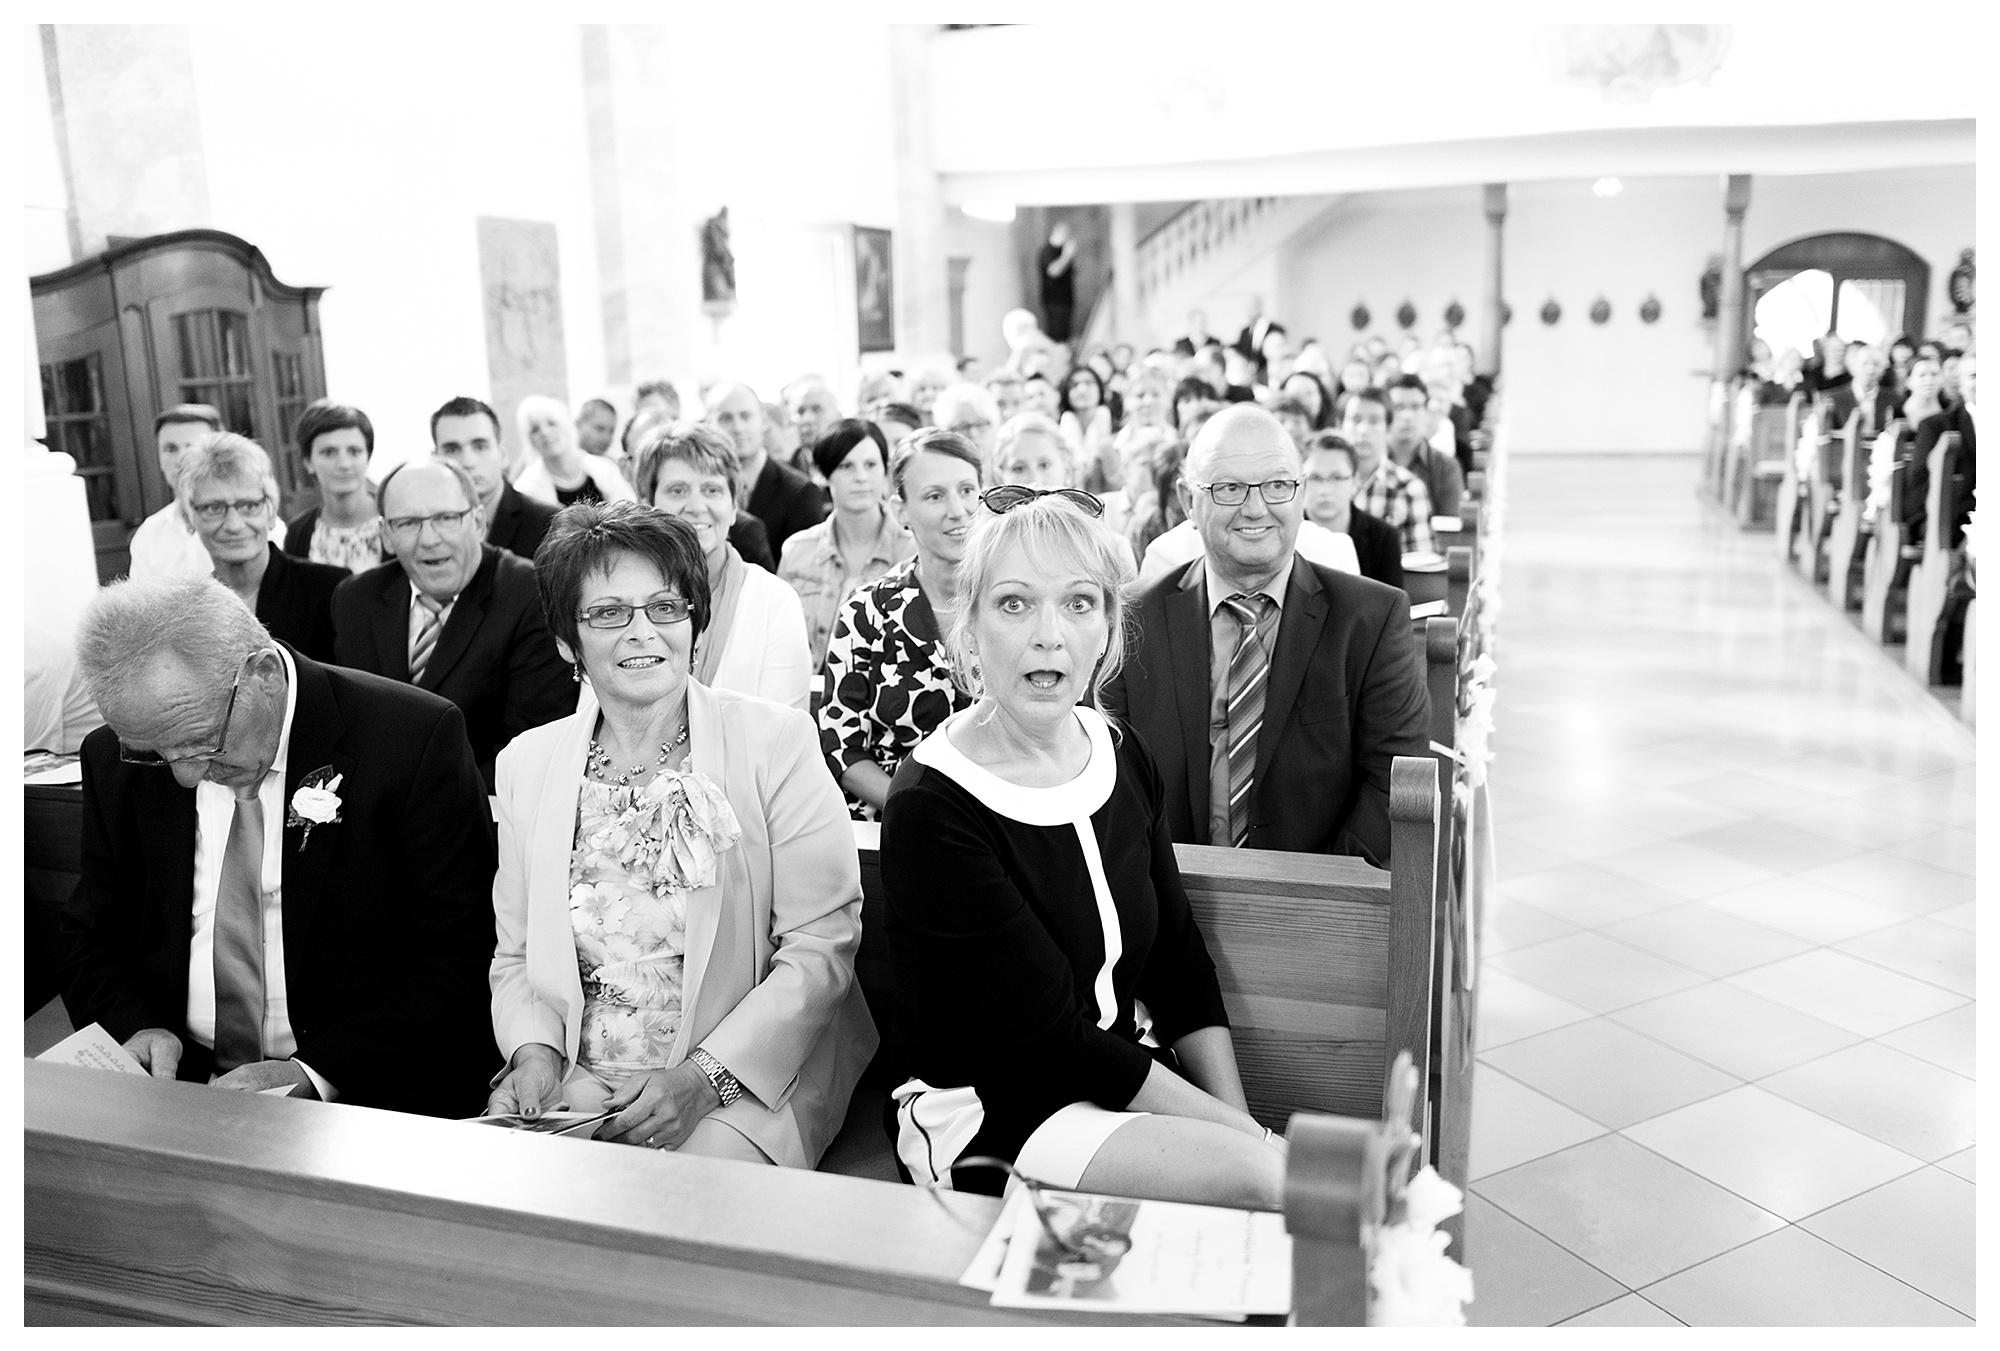 Fotograf Konstanz - Best of 2014 Elmar Feuerbacher Photography Hochzeit Portrait 053 - Rückblick auf 2014  - 133 -